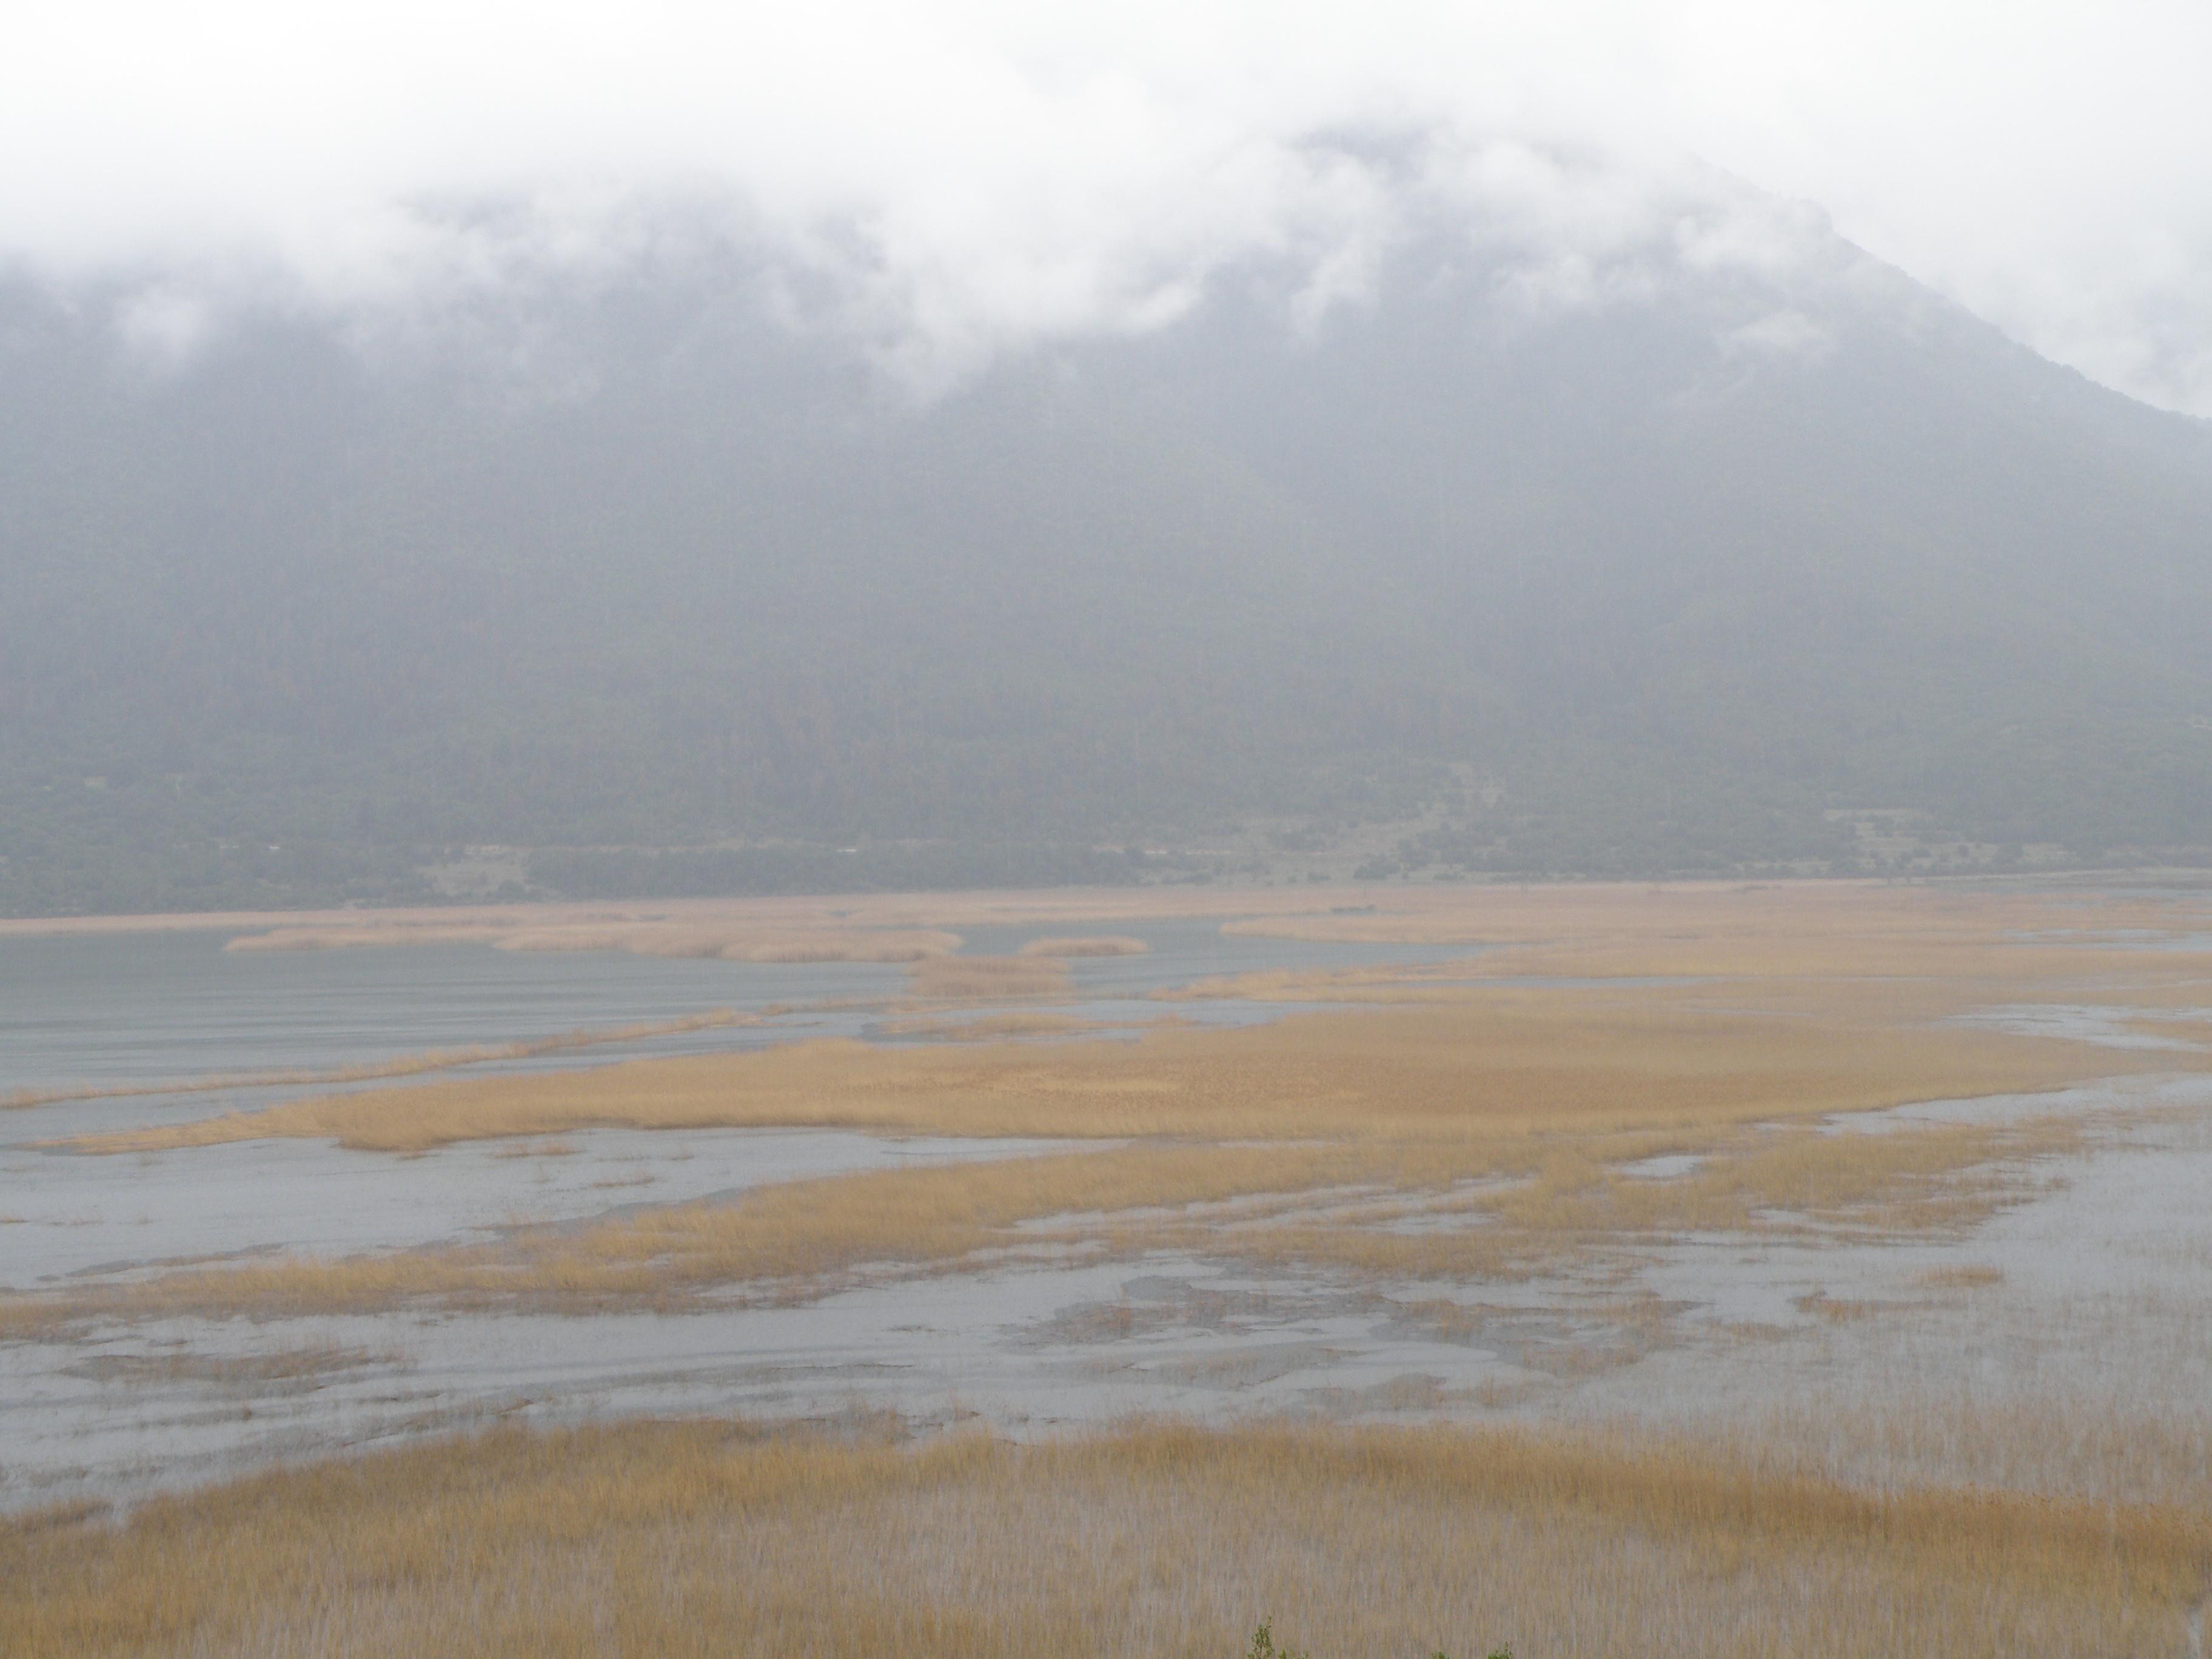 Λίμνη Στυμφαλία, Natura, Πολιτιστικά τοπία της Ελλάδας, ΦΩΤΟ: Νίκος Μουρατίδης